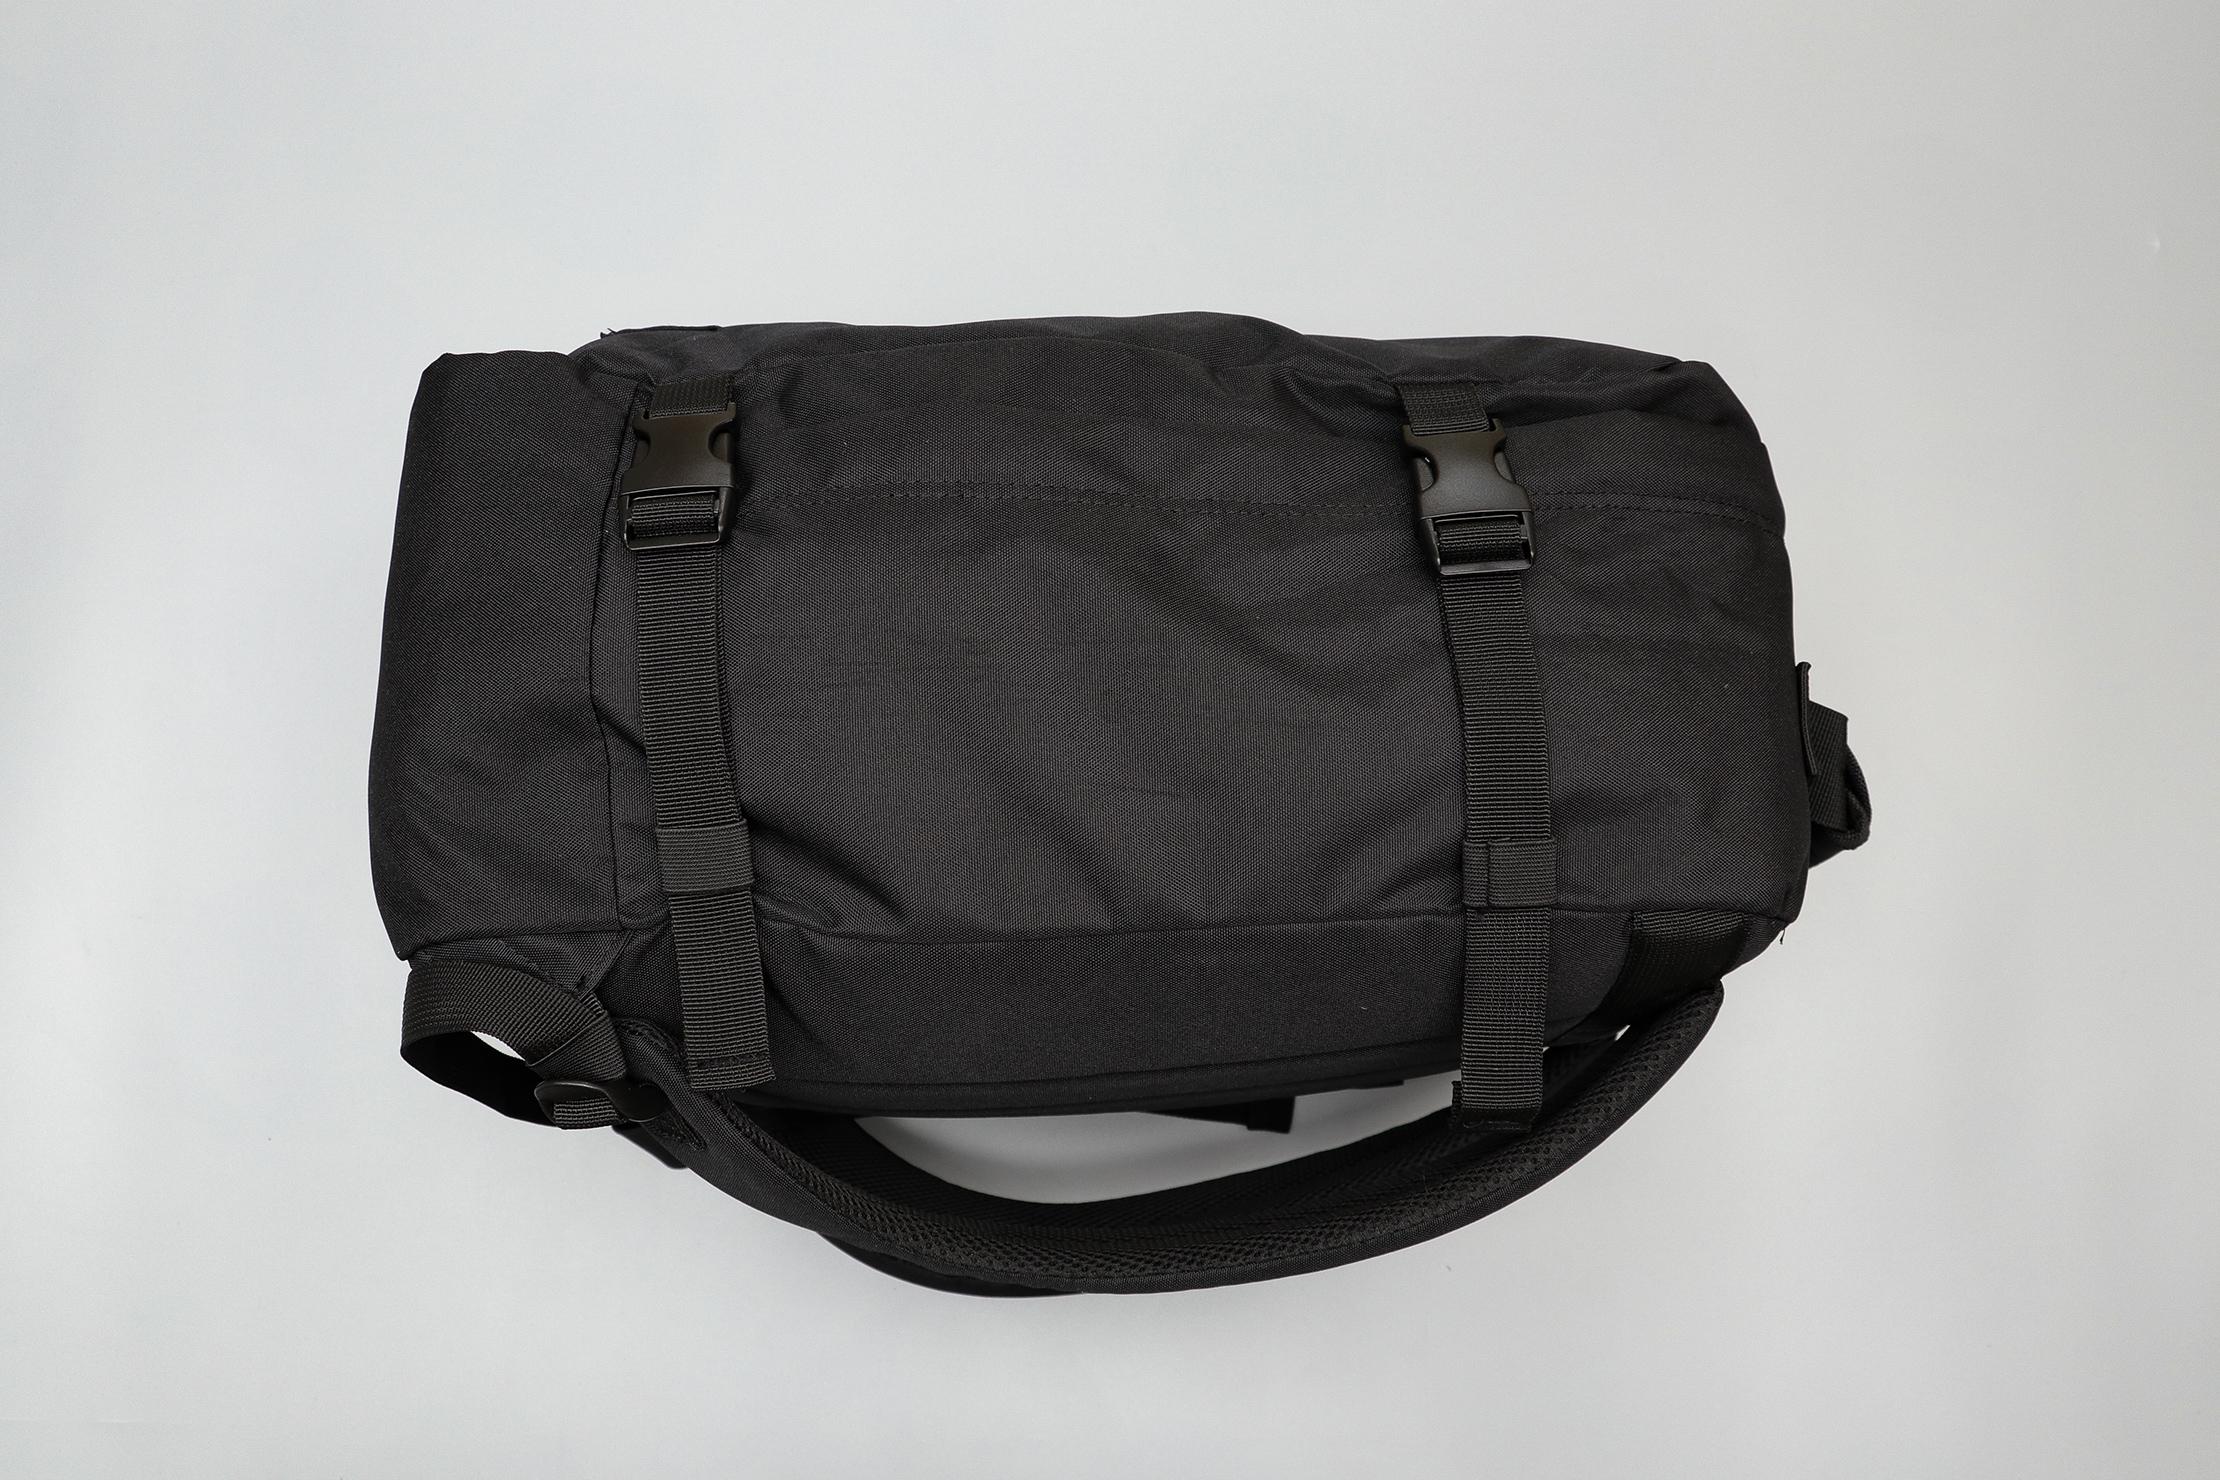 CabinZero Classic Travel Backpack Compression Straps